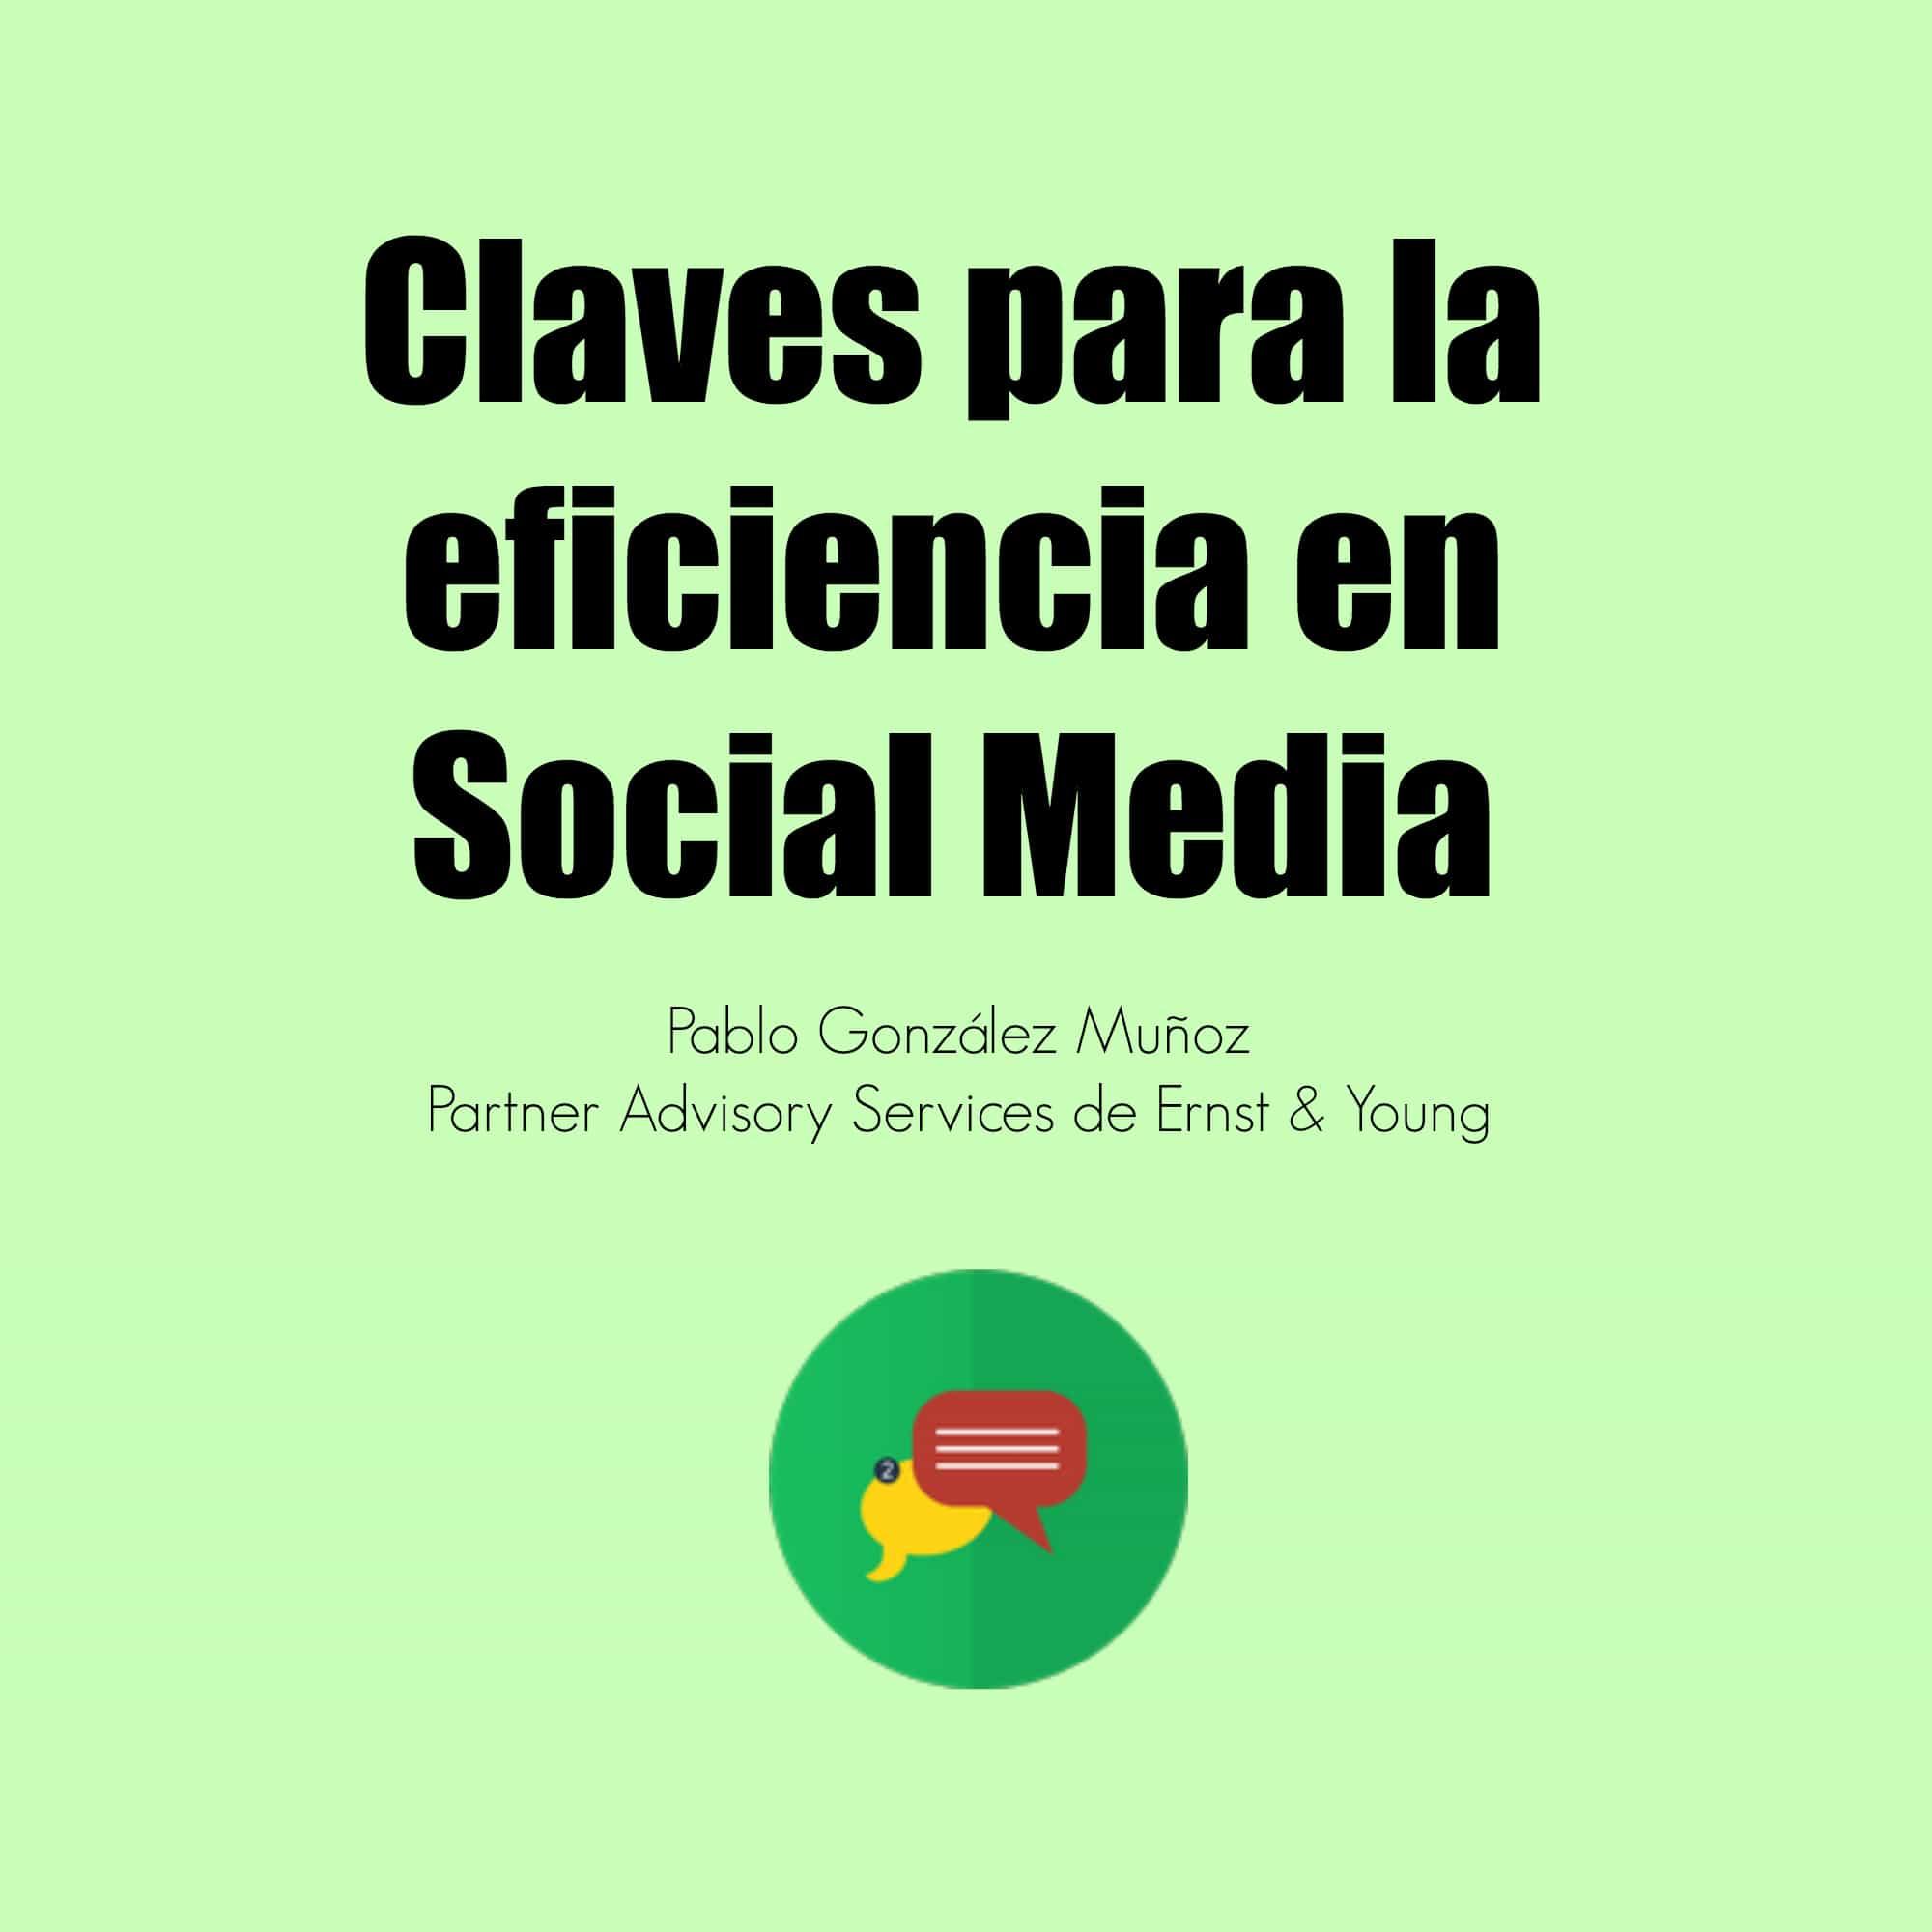 claves para la eficiencia en social media.jpg